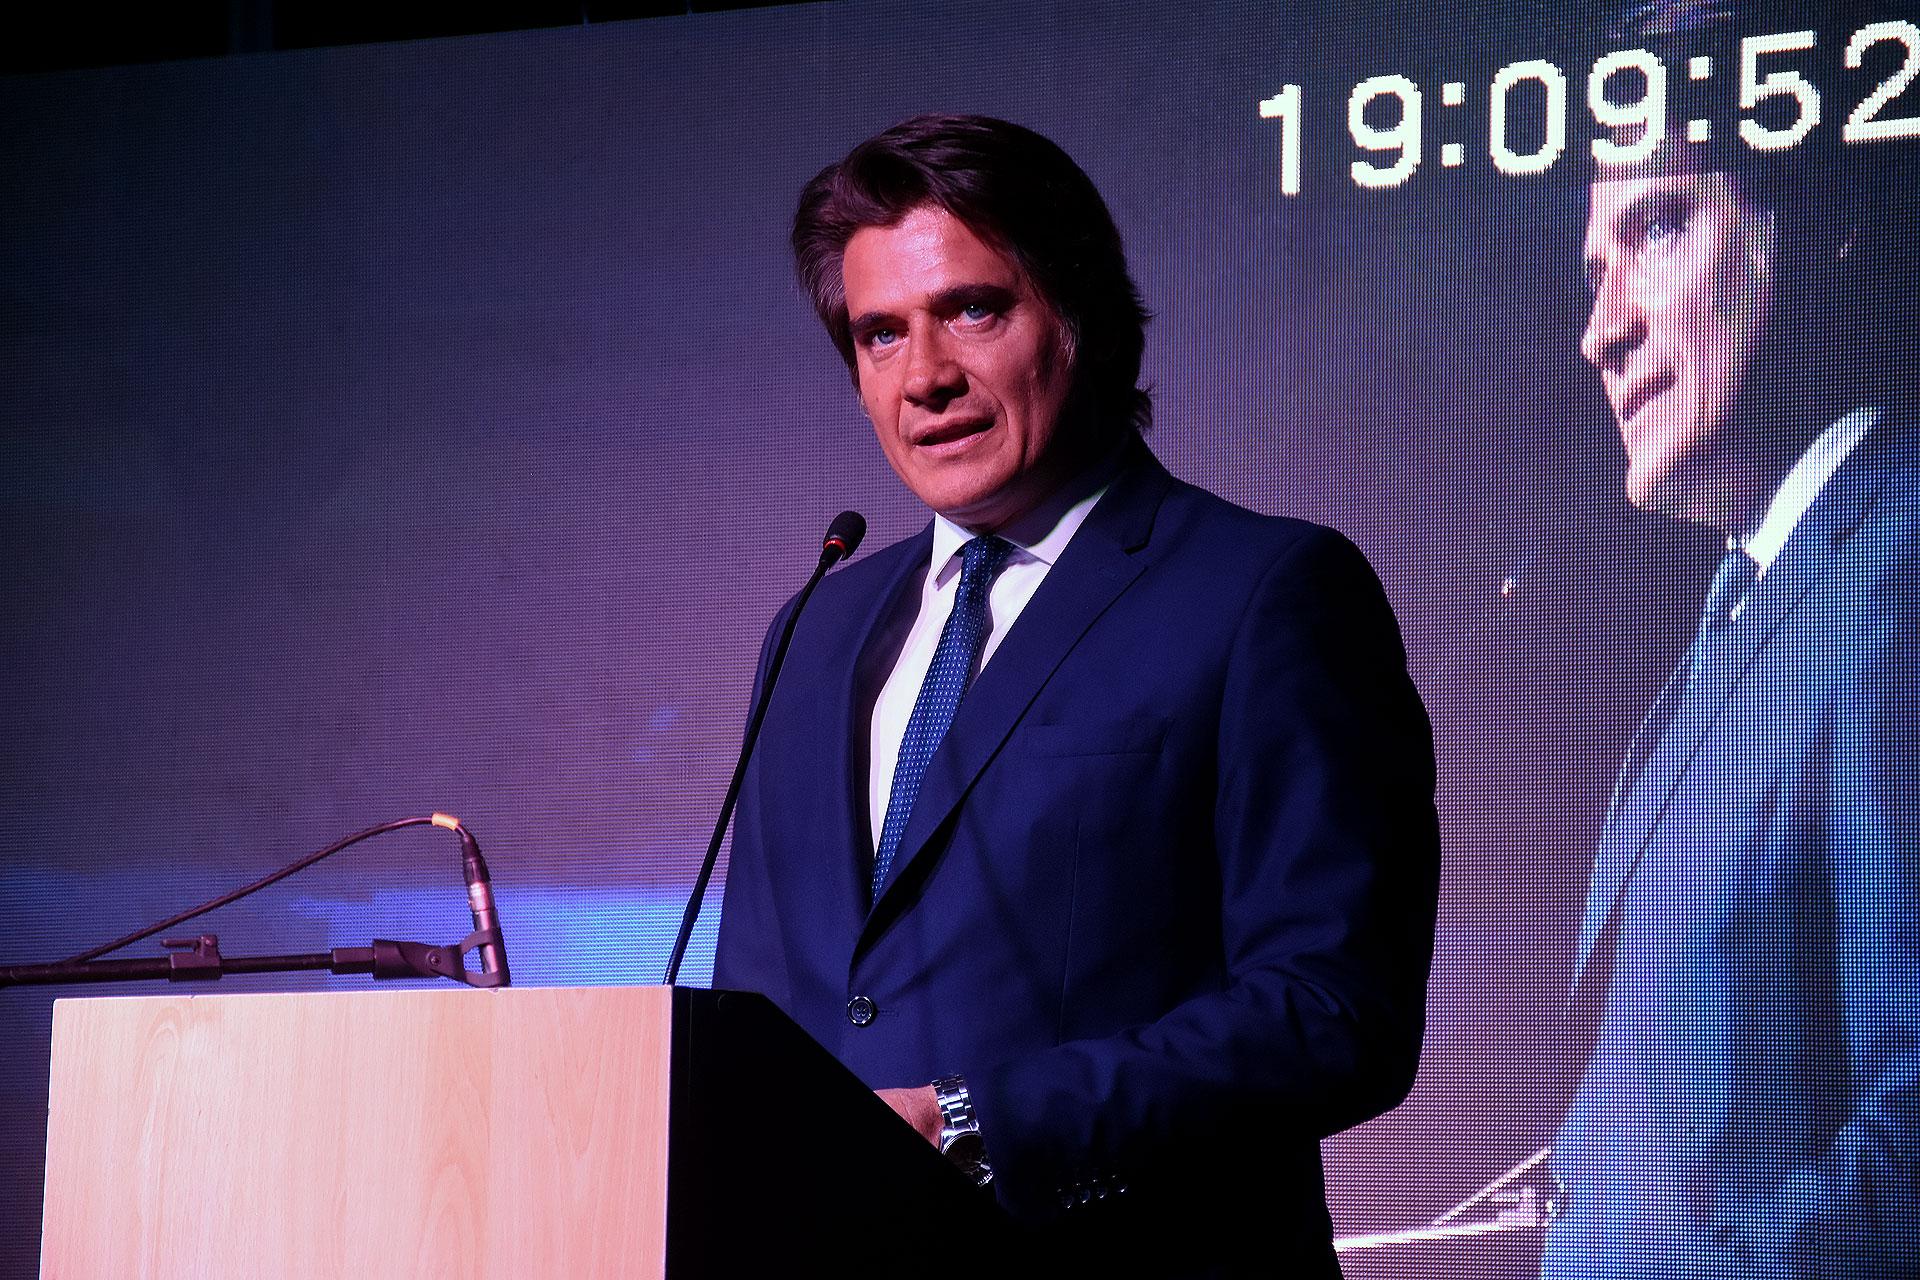 La conducción del evento estuvo a cargo de Guillermo Andino, quien animó a los presentes a participar de las distintas subastas de objetos, que se remataron para colaborar con la Fundación GEDYT